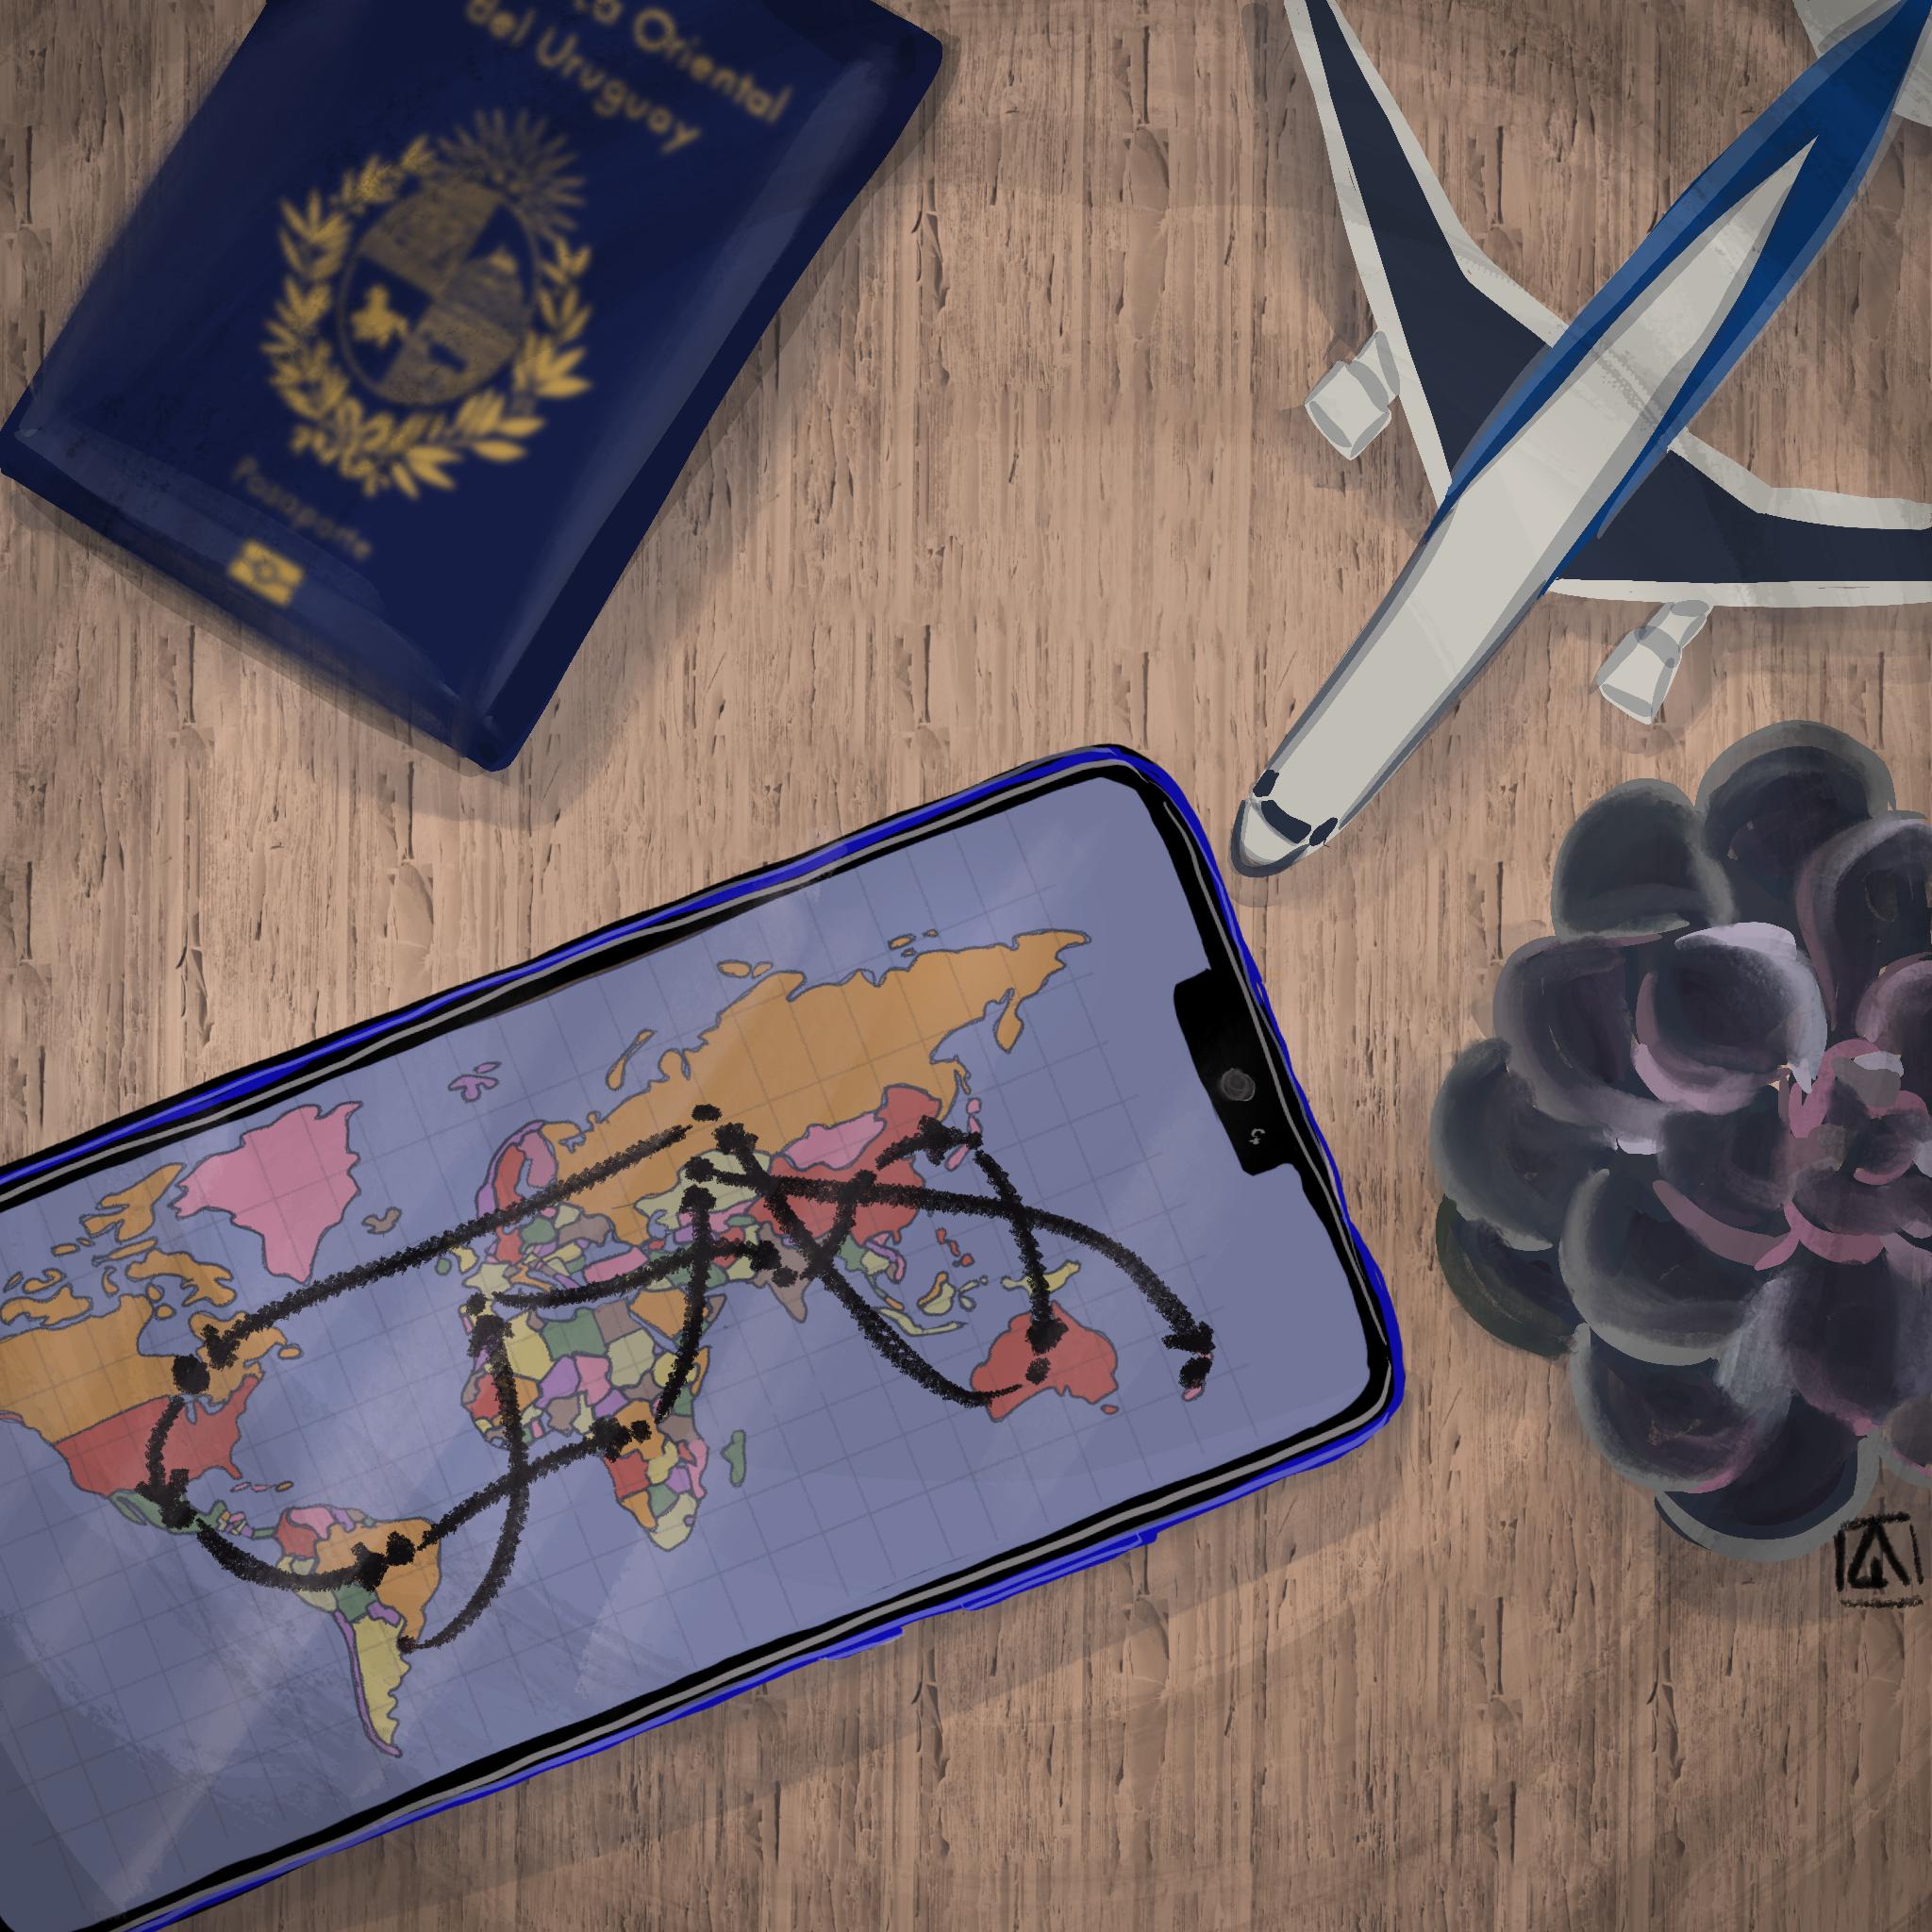 Dibujo de un celular con un planisferio, un pasaporte y un avión